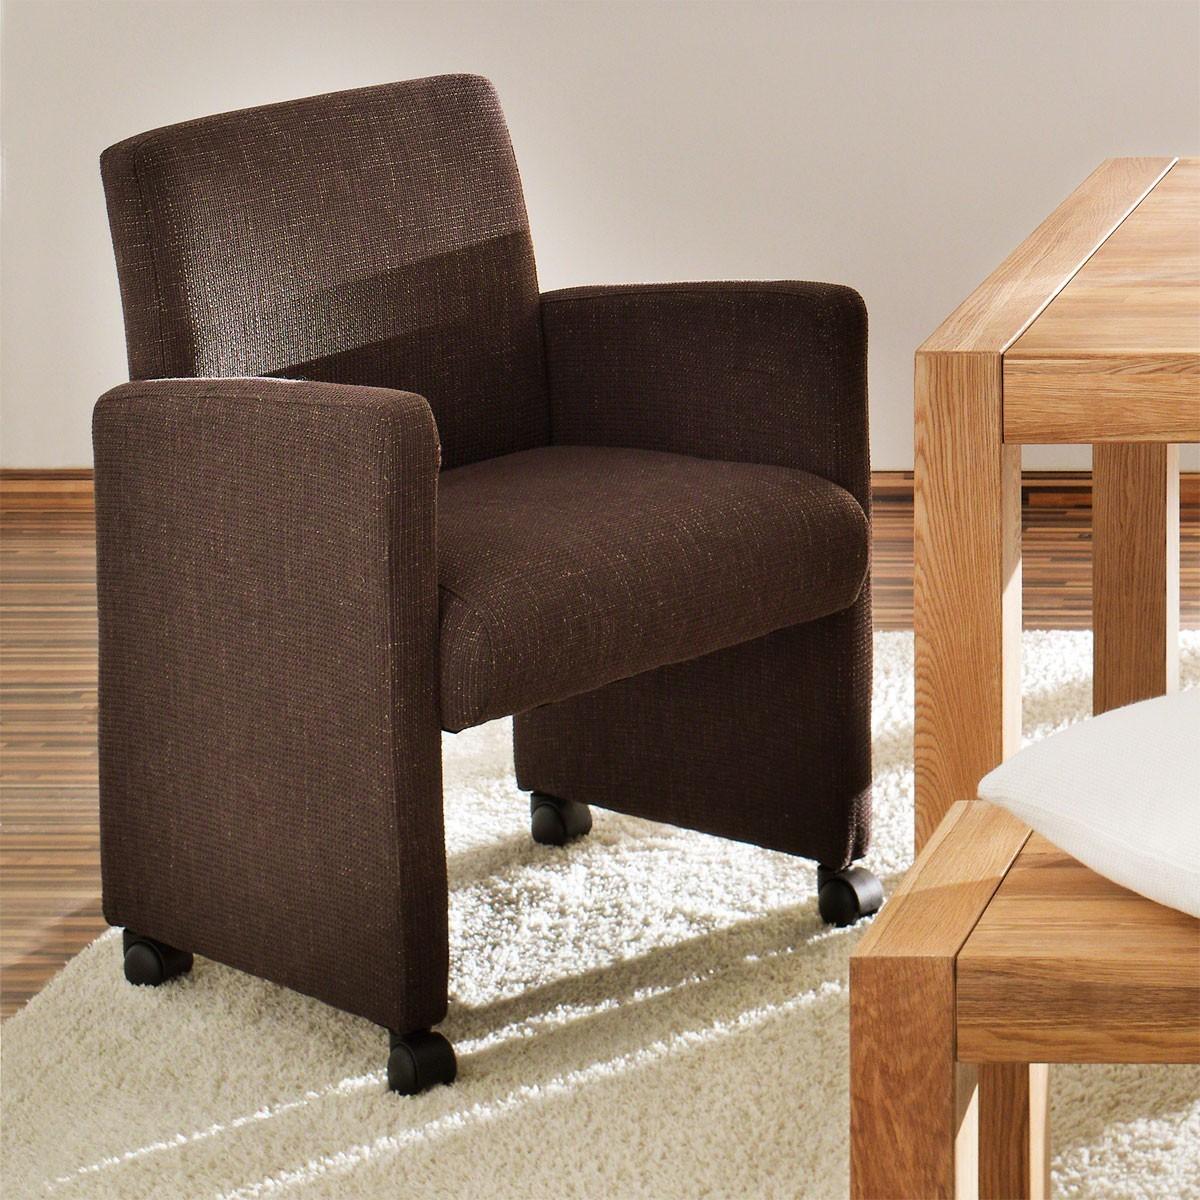 Sessel coffee mit rollen in webstoff braun for Sessel mit rollen